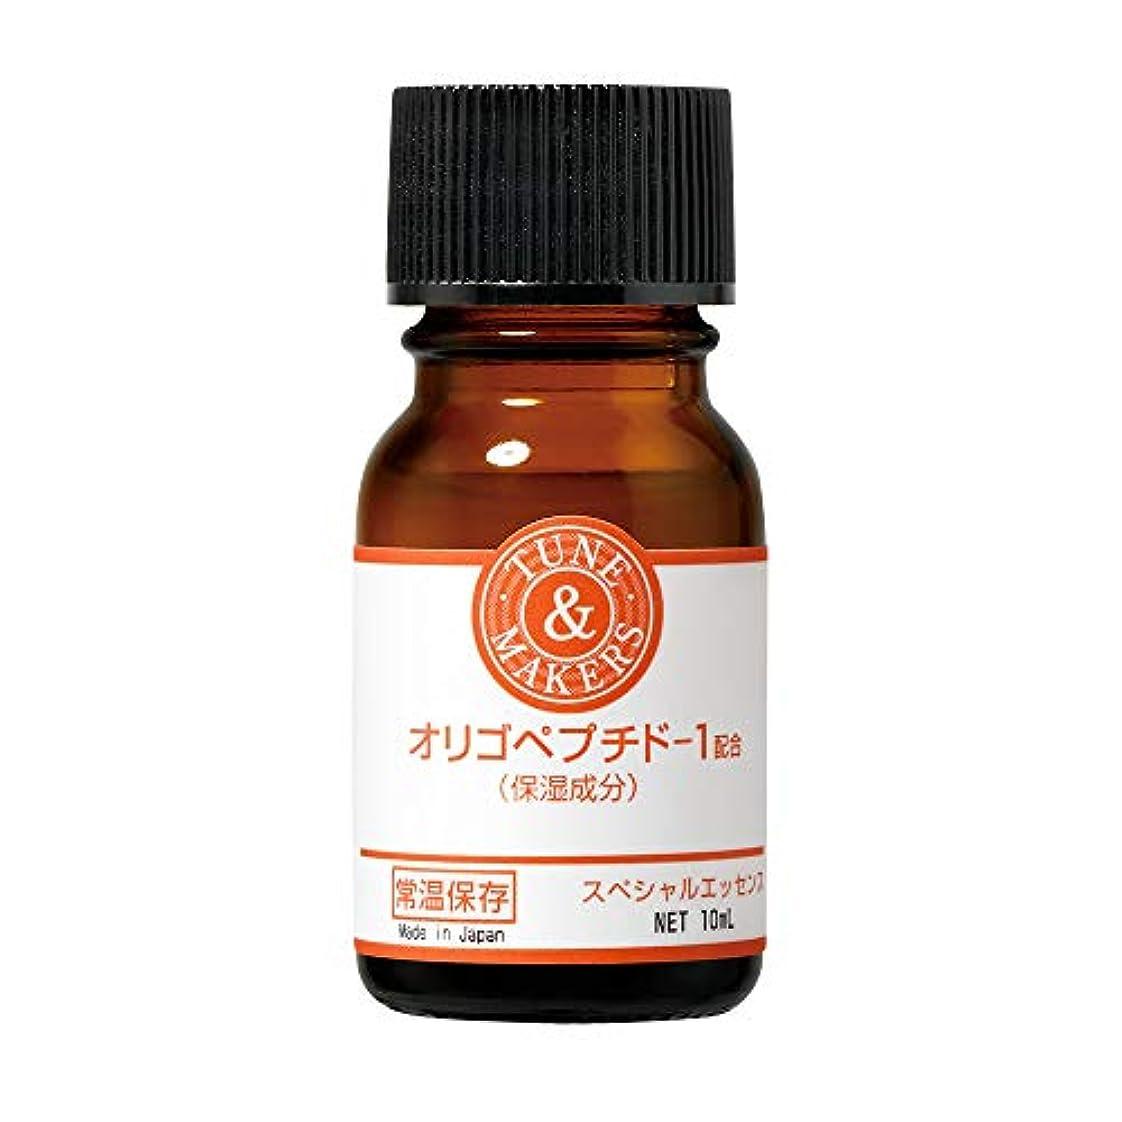 薬用融合近々チューンメーカーズ オリゴペプチド-1配合エッセンス 10ml 原液美容液